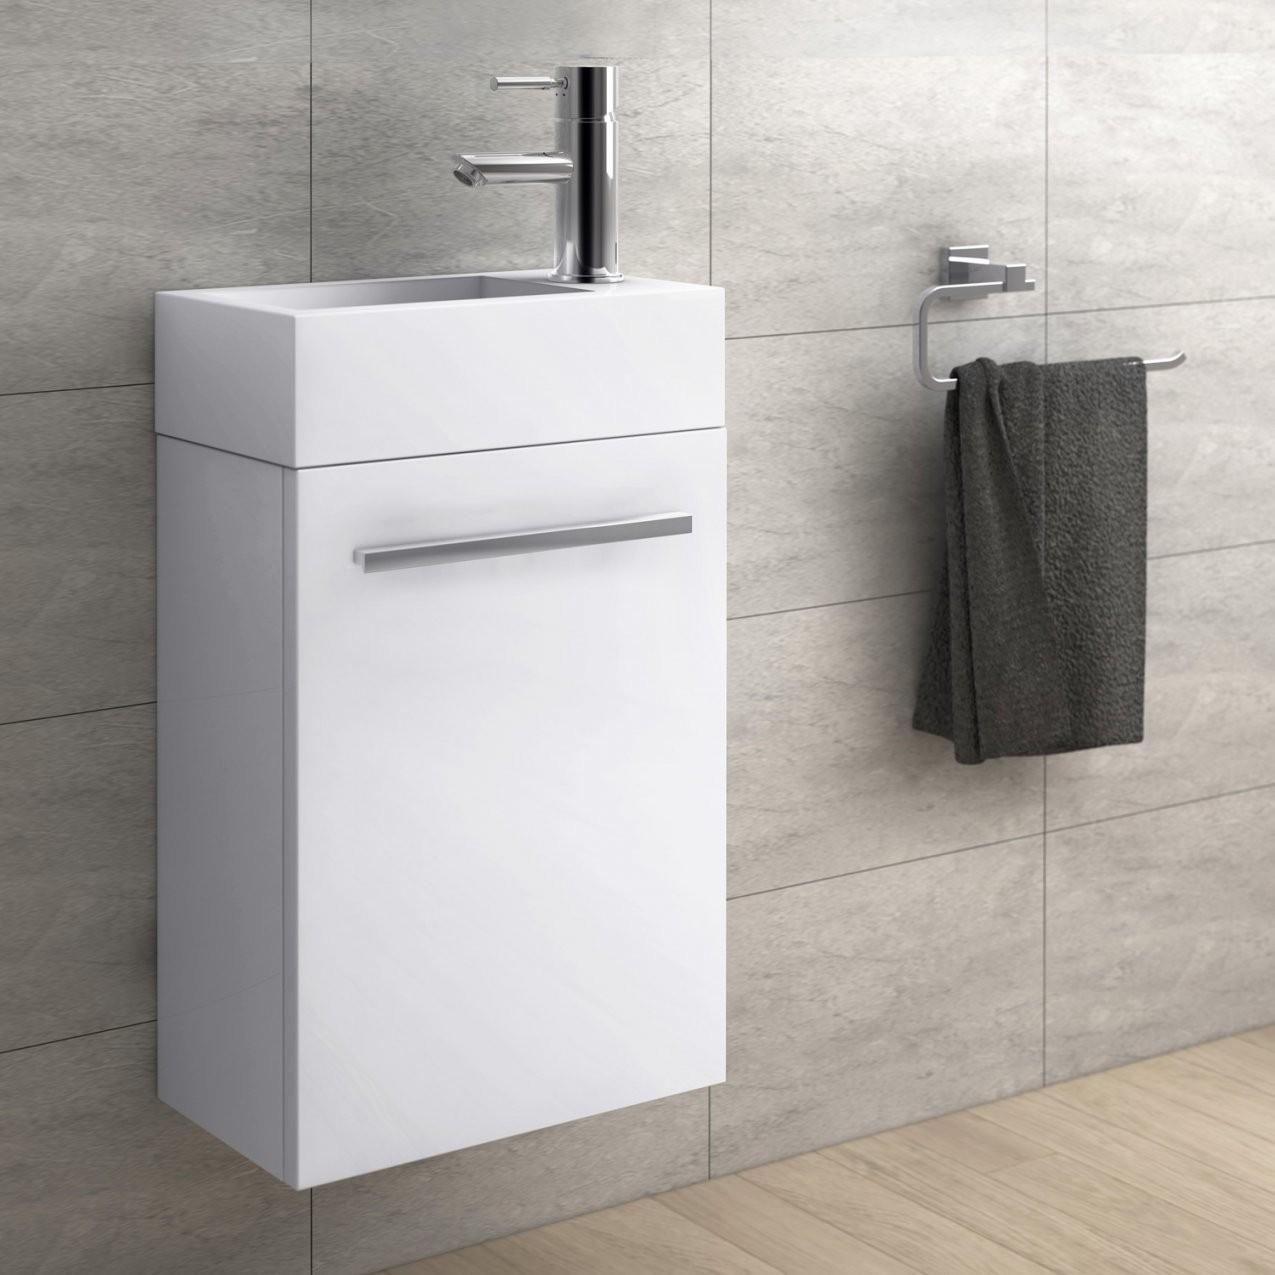 Kleine Waschbecken Mit Unterschrank Tolle Unterschrank Waschbecken von Waschbecken Klein Mit Unterschrank Photo